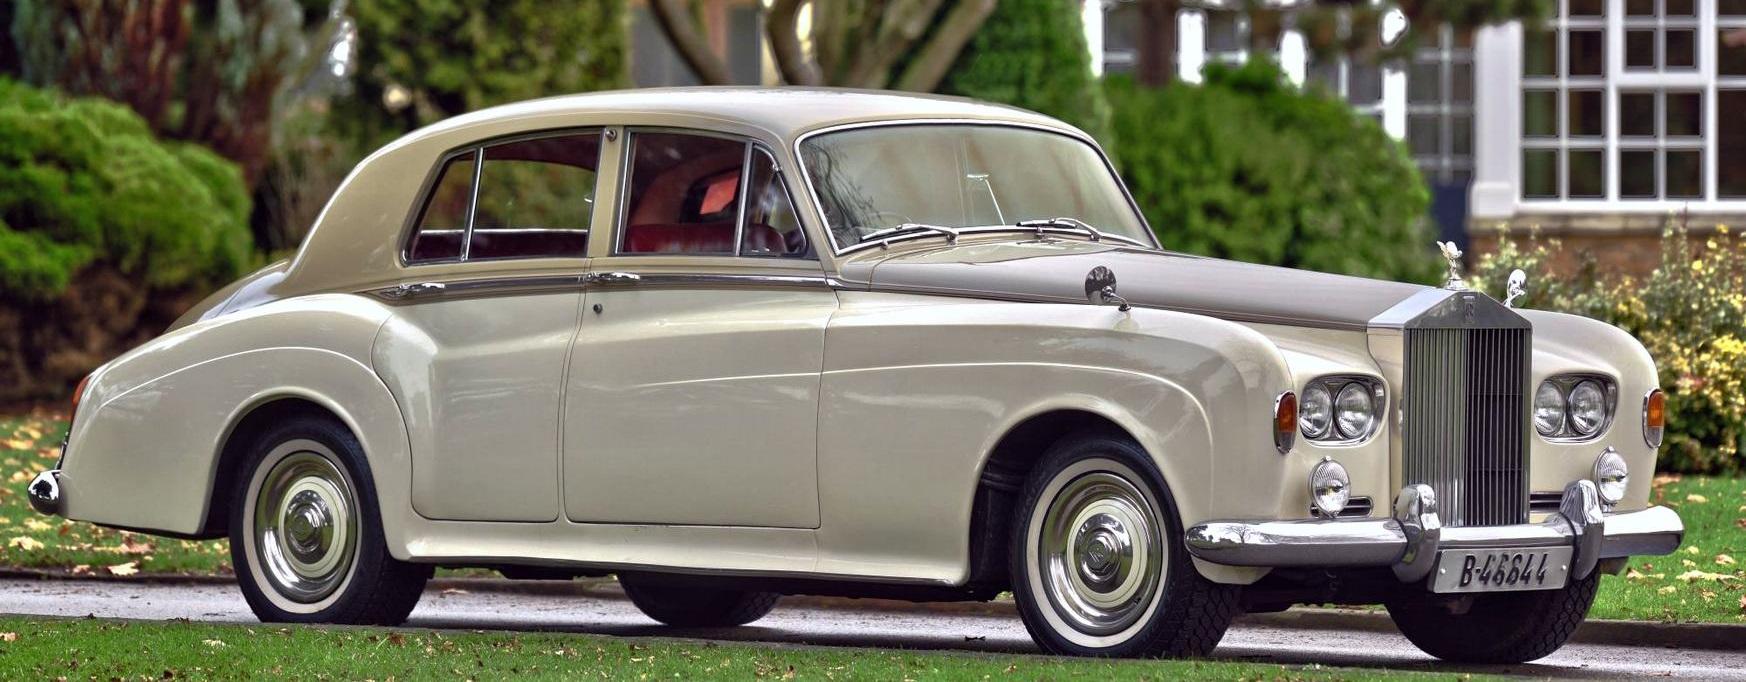 Hvit Rolls-Royce veteranbil, klar for utleie til bryllupskjøring